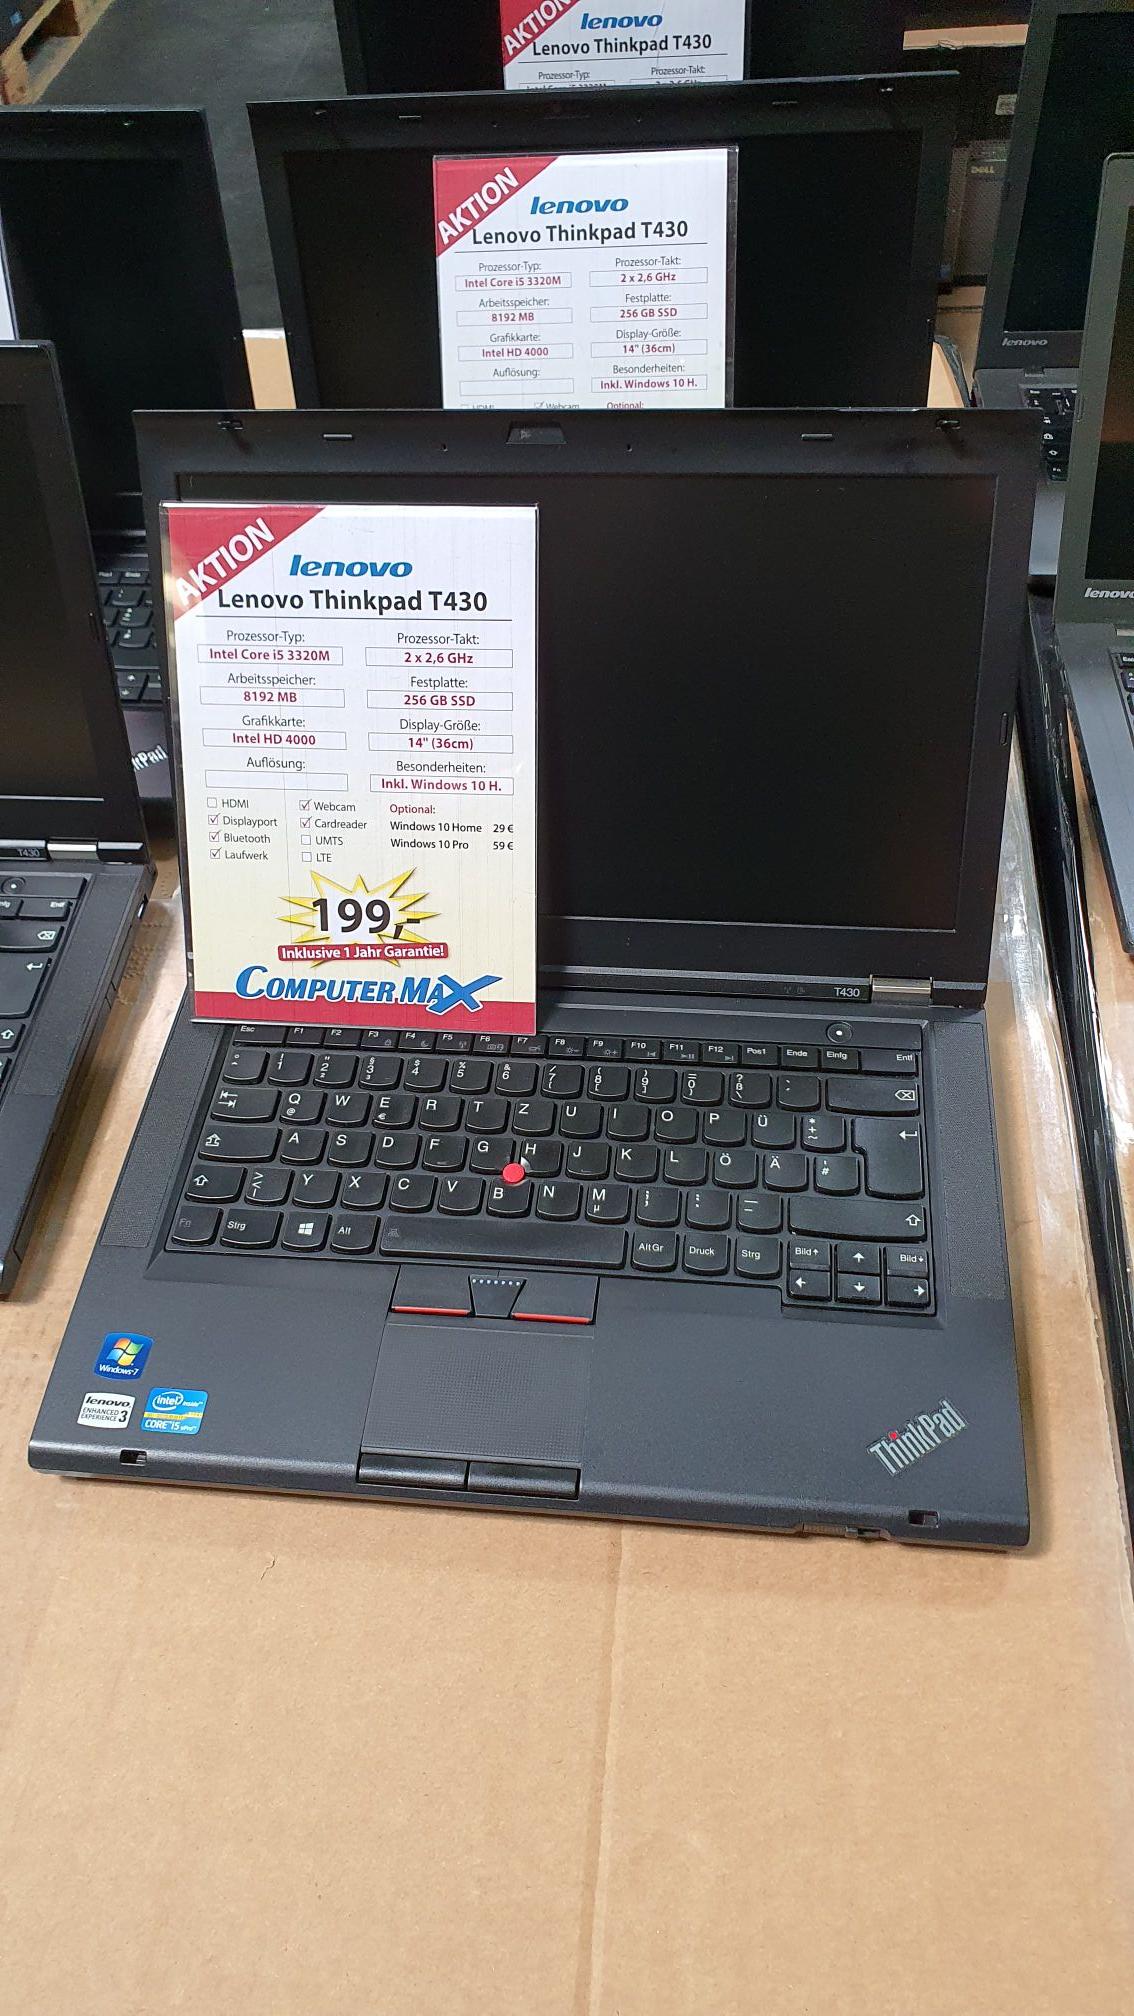 ComputerMax Weiterstadt - Lenovo T430 i5 8GB RAM 256GB SSD Generalüberholt mit Garantie